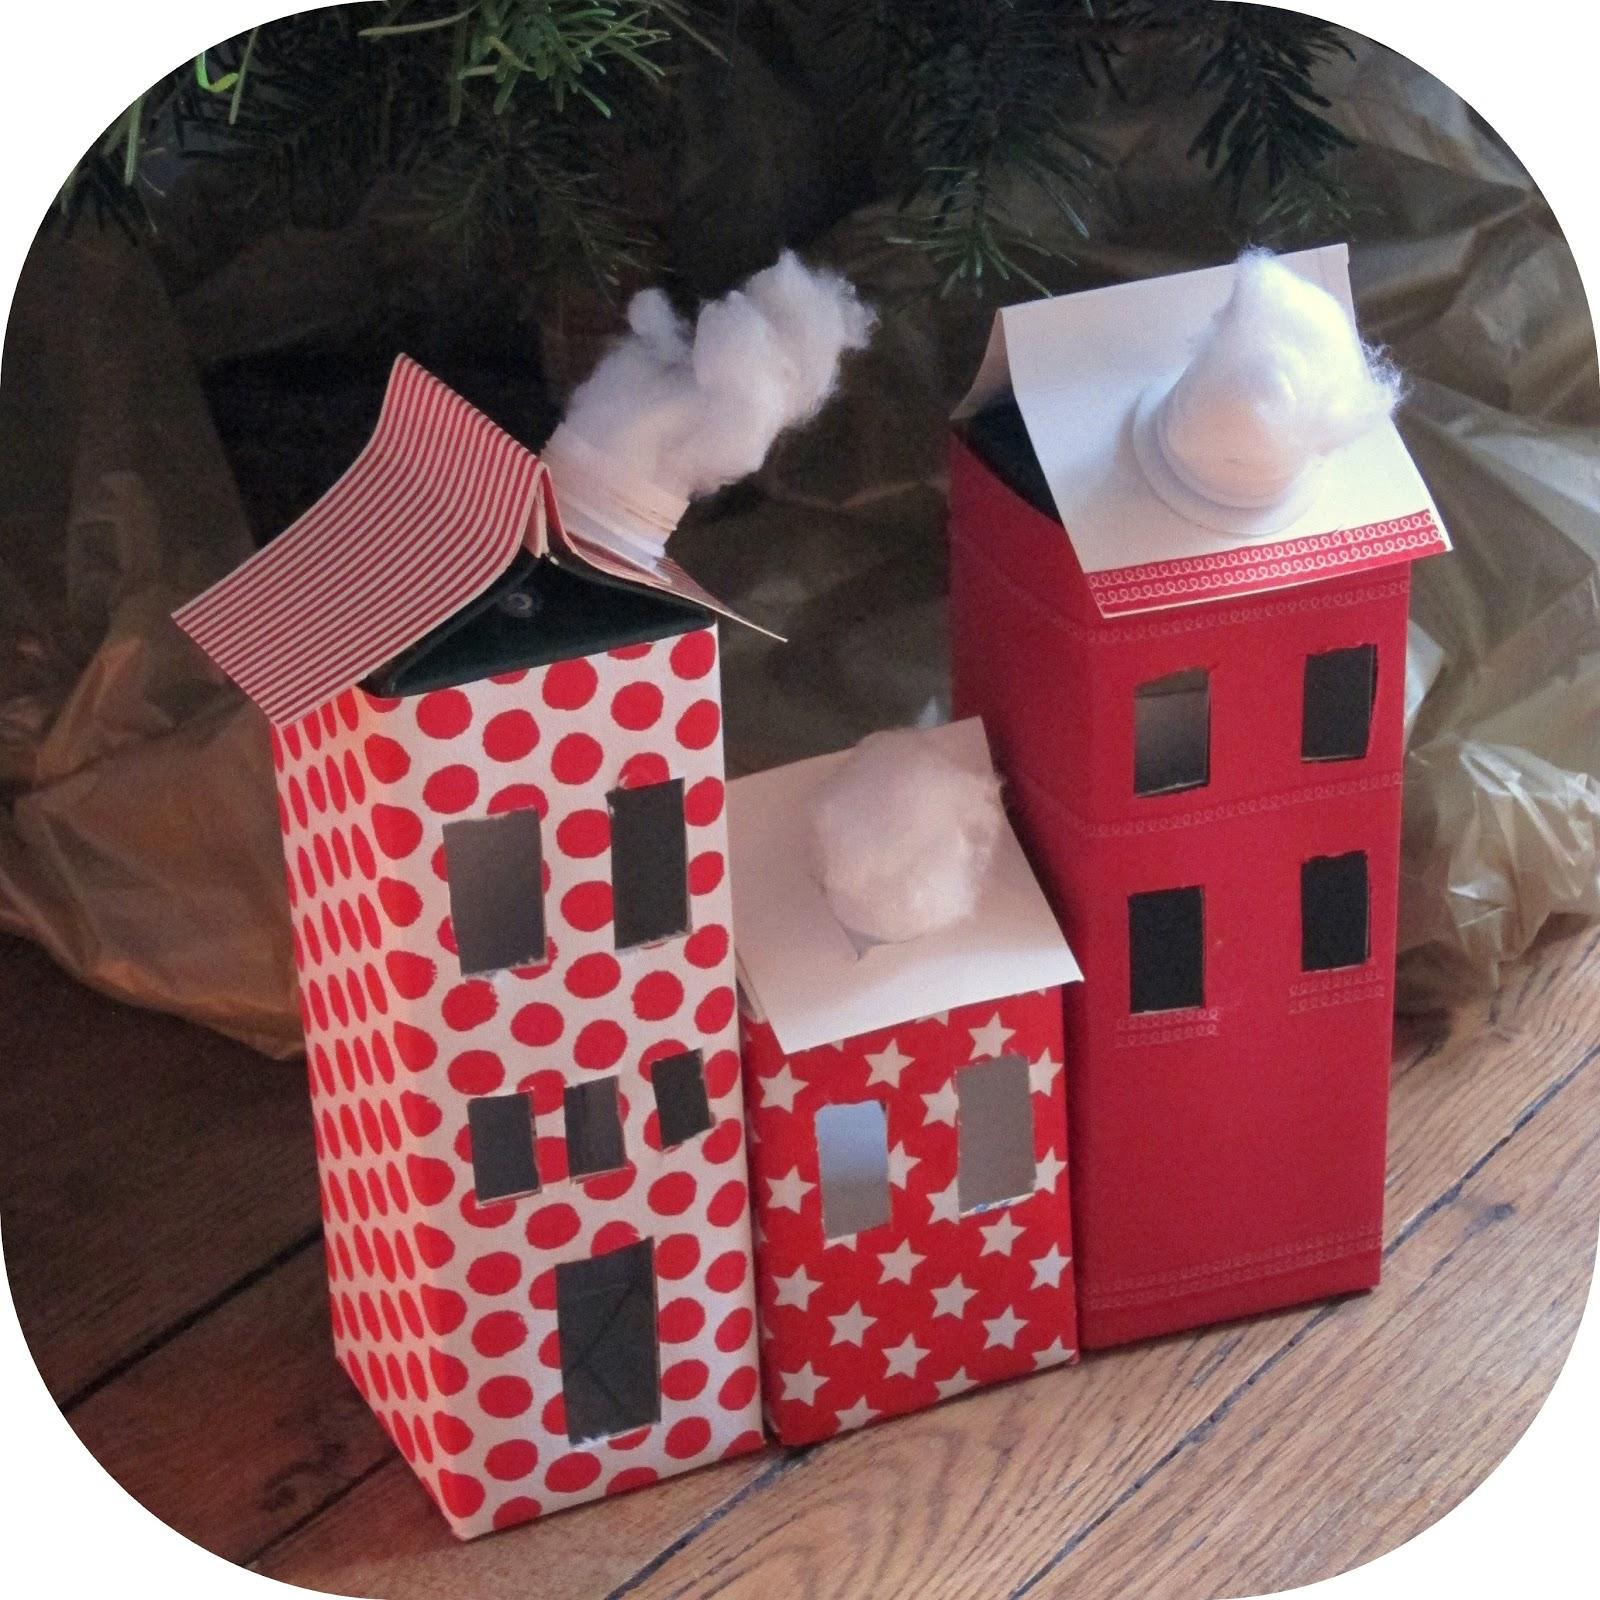 fabriquer un village de noel en carton village de noel en carton legrenierdemamy village de p. Black Bedroom Furniture Sets. Home Design Ideas